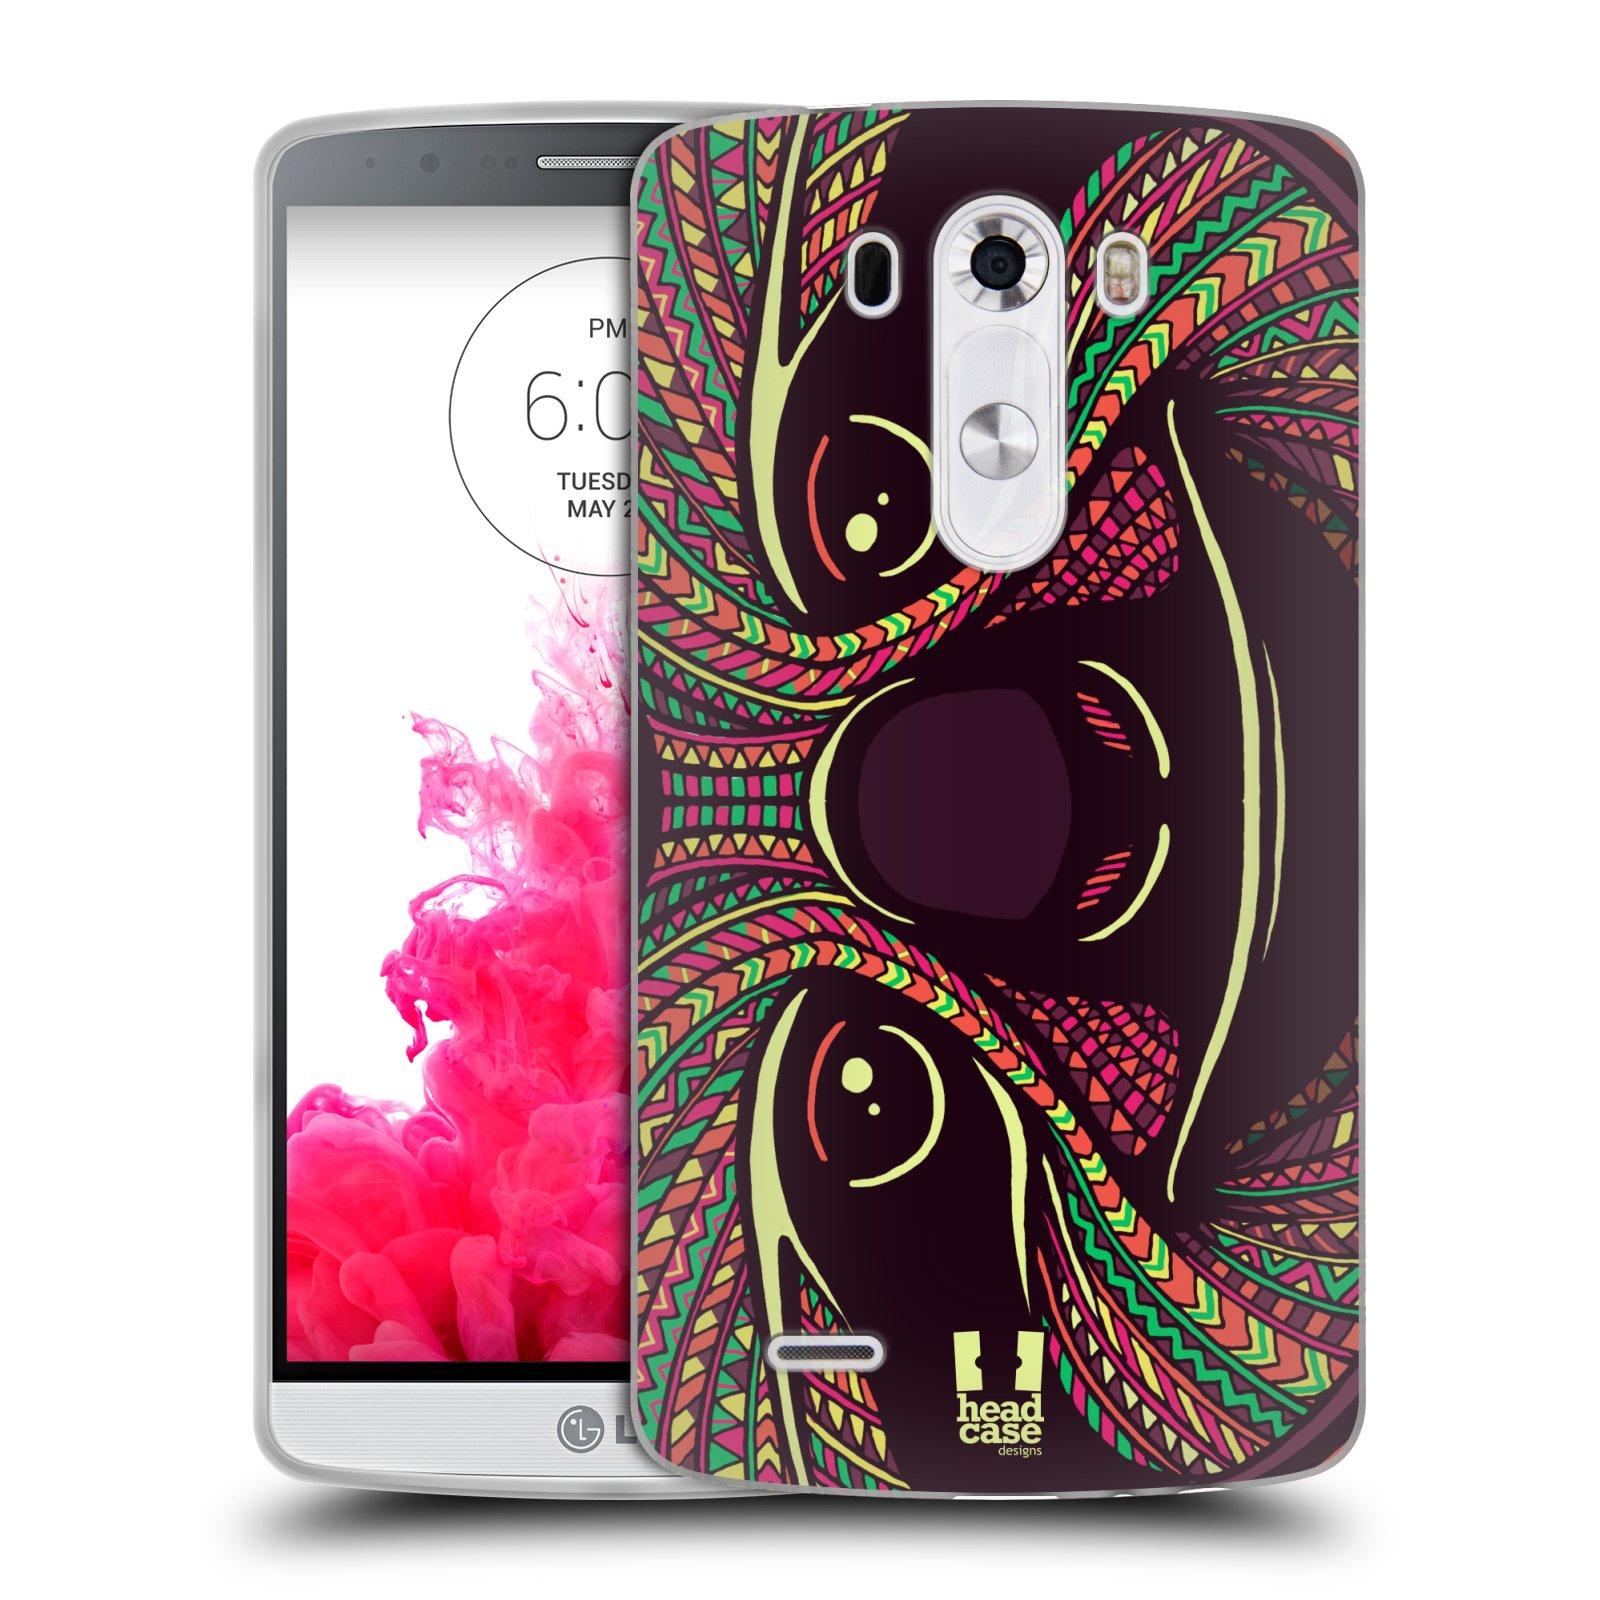 Silikonové pouzdro na mobil LG G3 HEAD CASE AZTEC LENOCHOD (Silikonový kryt či obal na mobilní telefon LG G3 D855)